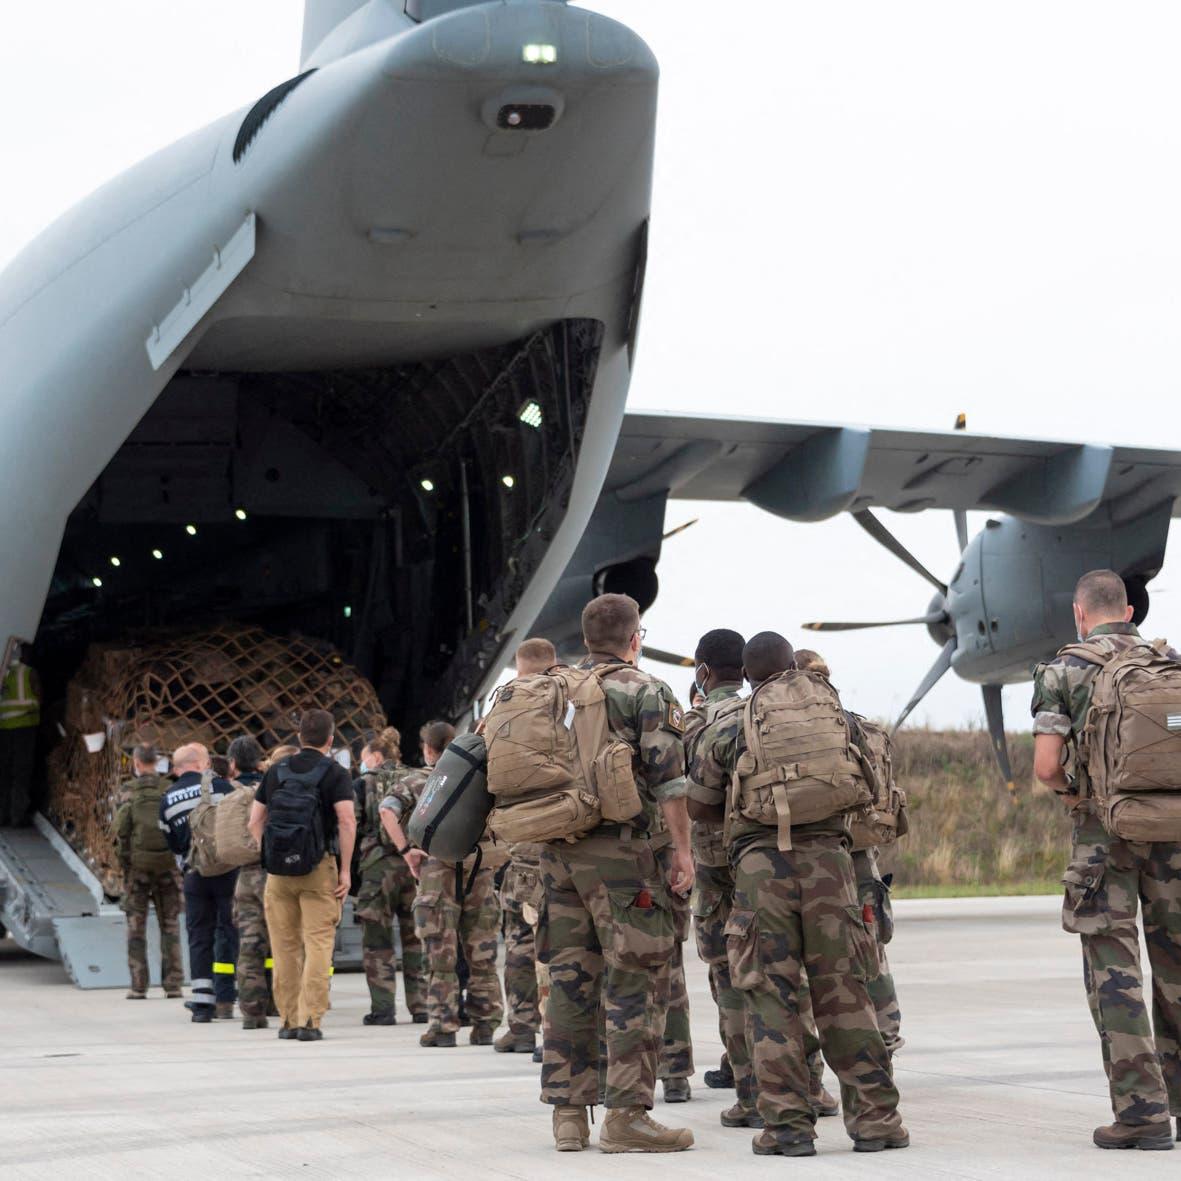 الكونغرس يوافق على فتح تحقيق حول كارثة الانسحاب من أفغانستان